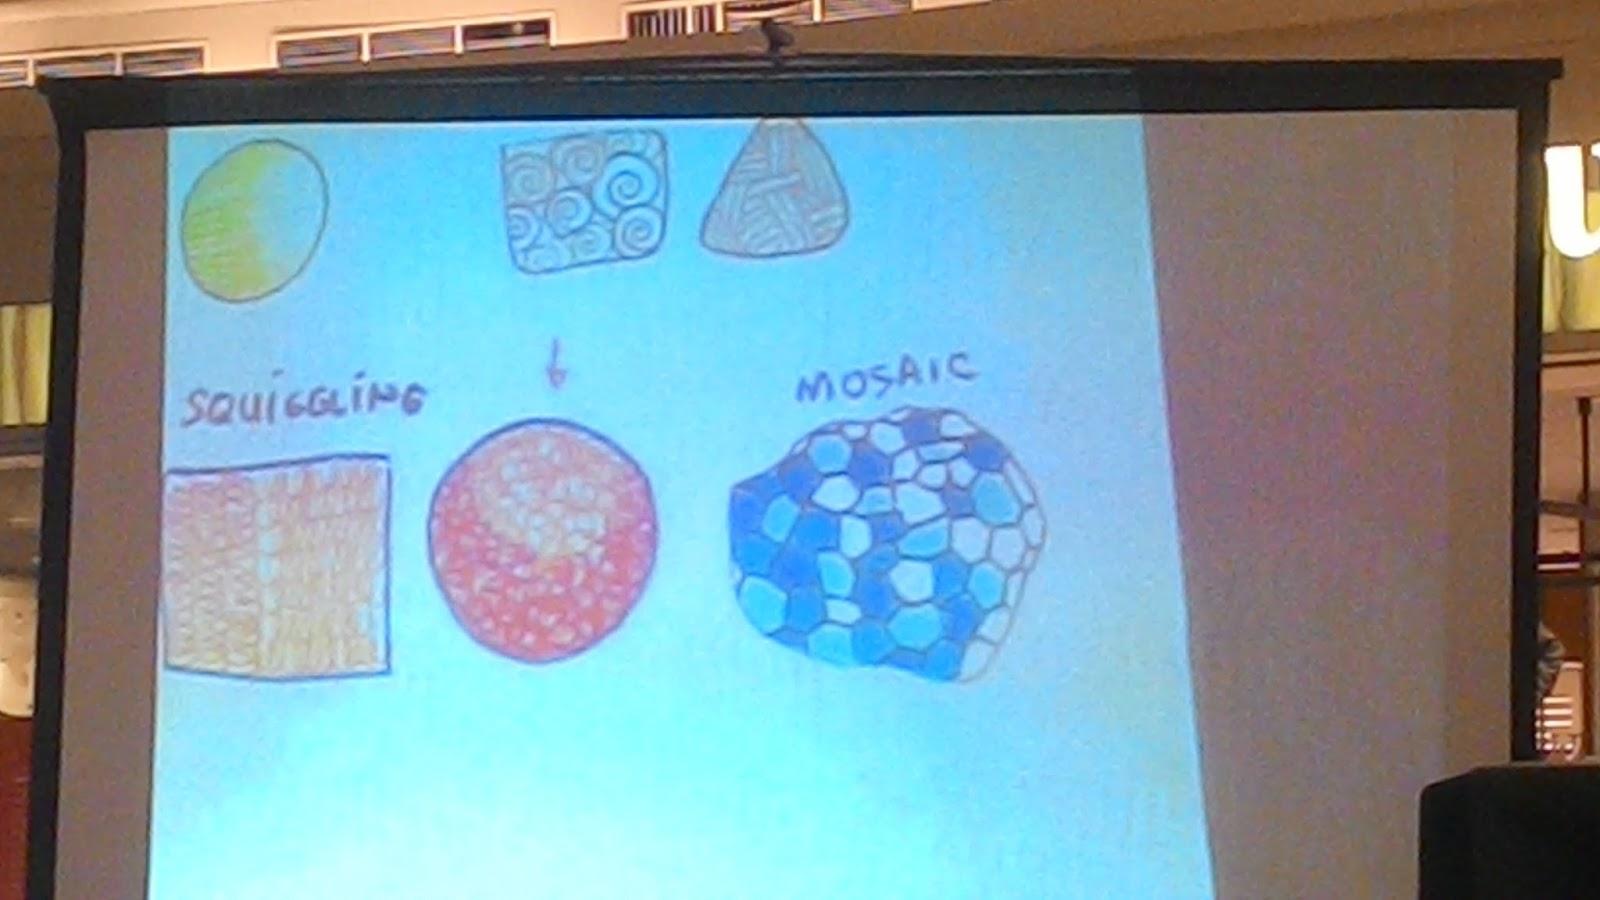 Teknik Squiggling Merupakan teknik mewarnai bidang gambar